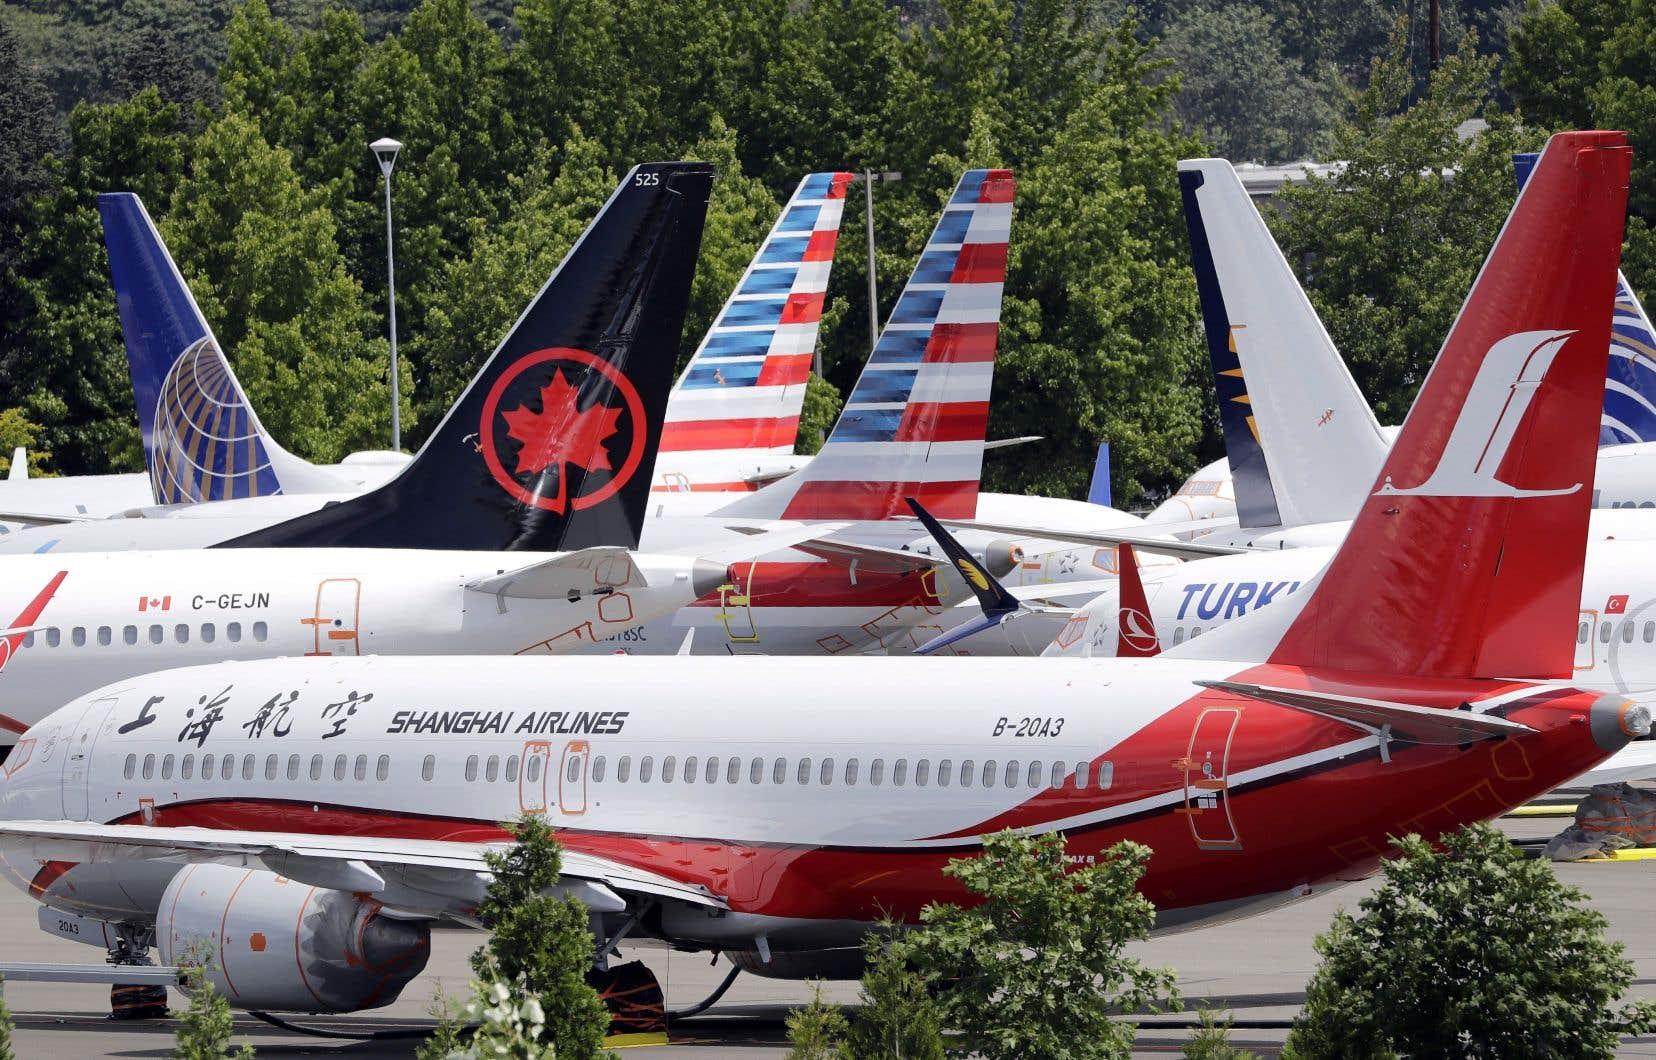 Des appareils Boeing 737 MAX cloués au sol sur une aire de stationnement aéroportuaire de Seattle, aux États-Unis.